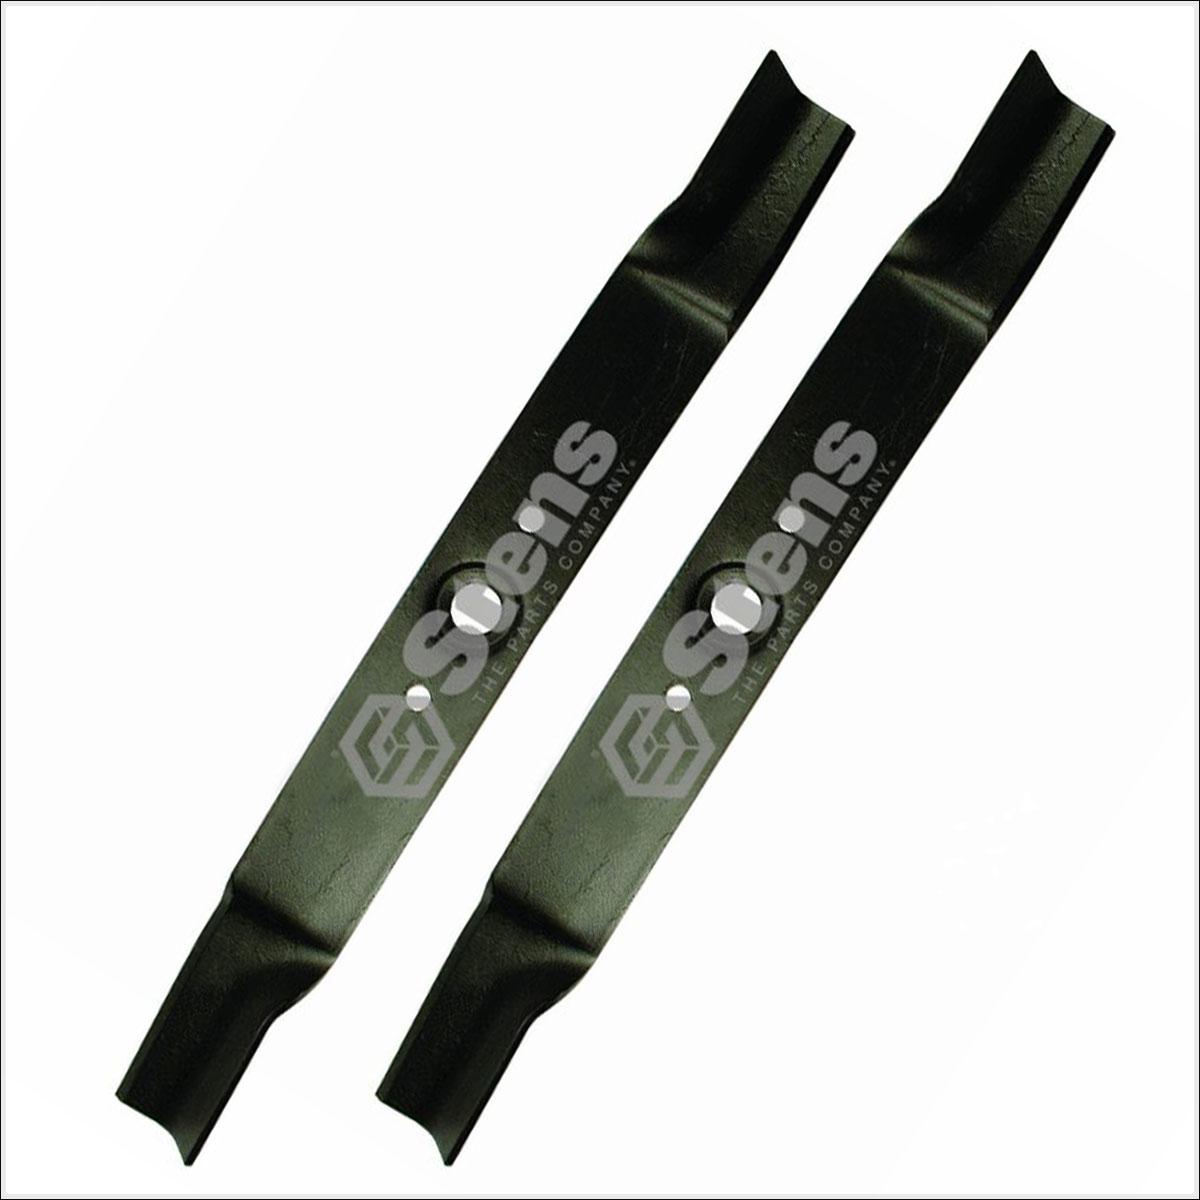 Mower Blades By Size : Set of honda hi lift blades repl va fits